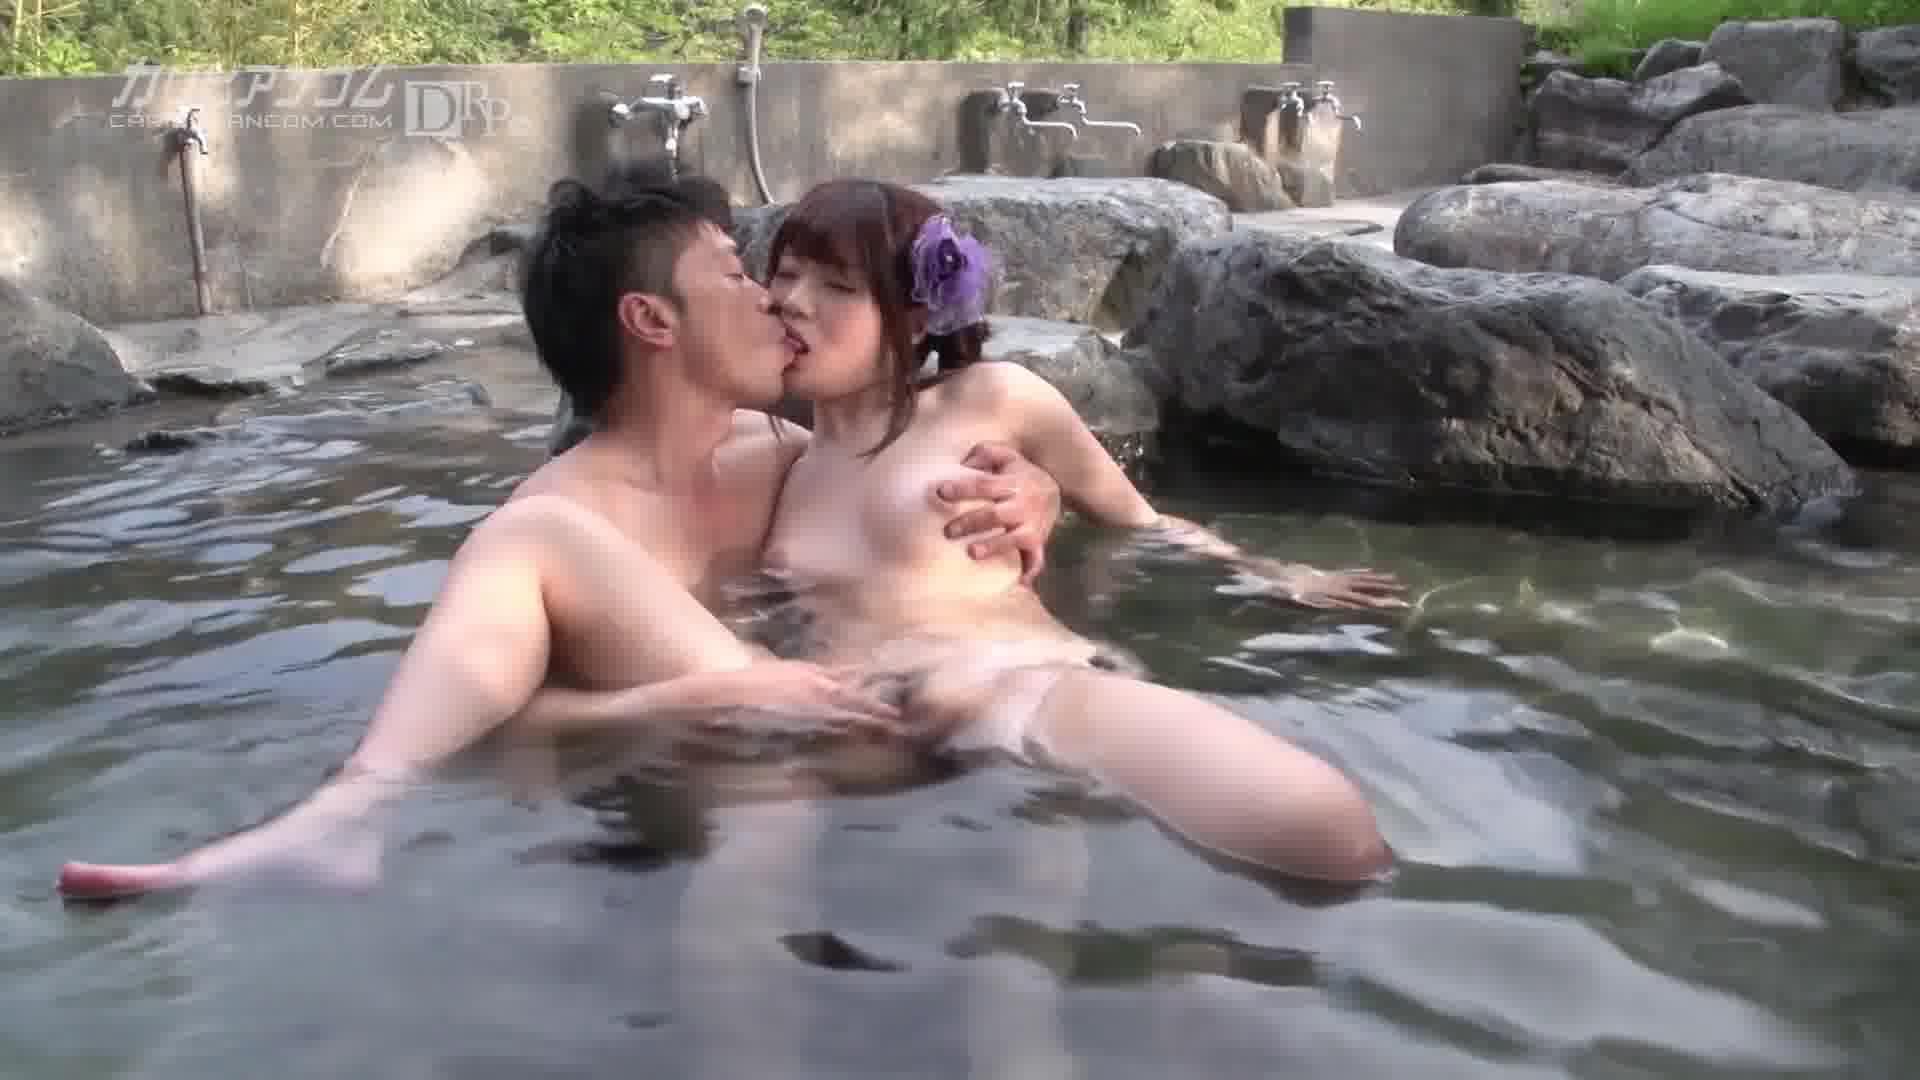 温泉宿で独り占め - 川村まや【野外露出・初裏・浴衣】